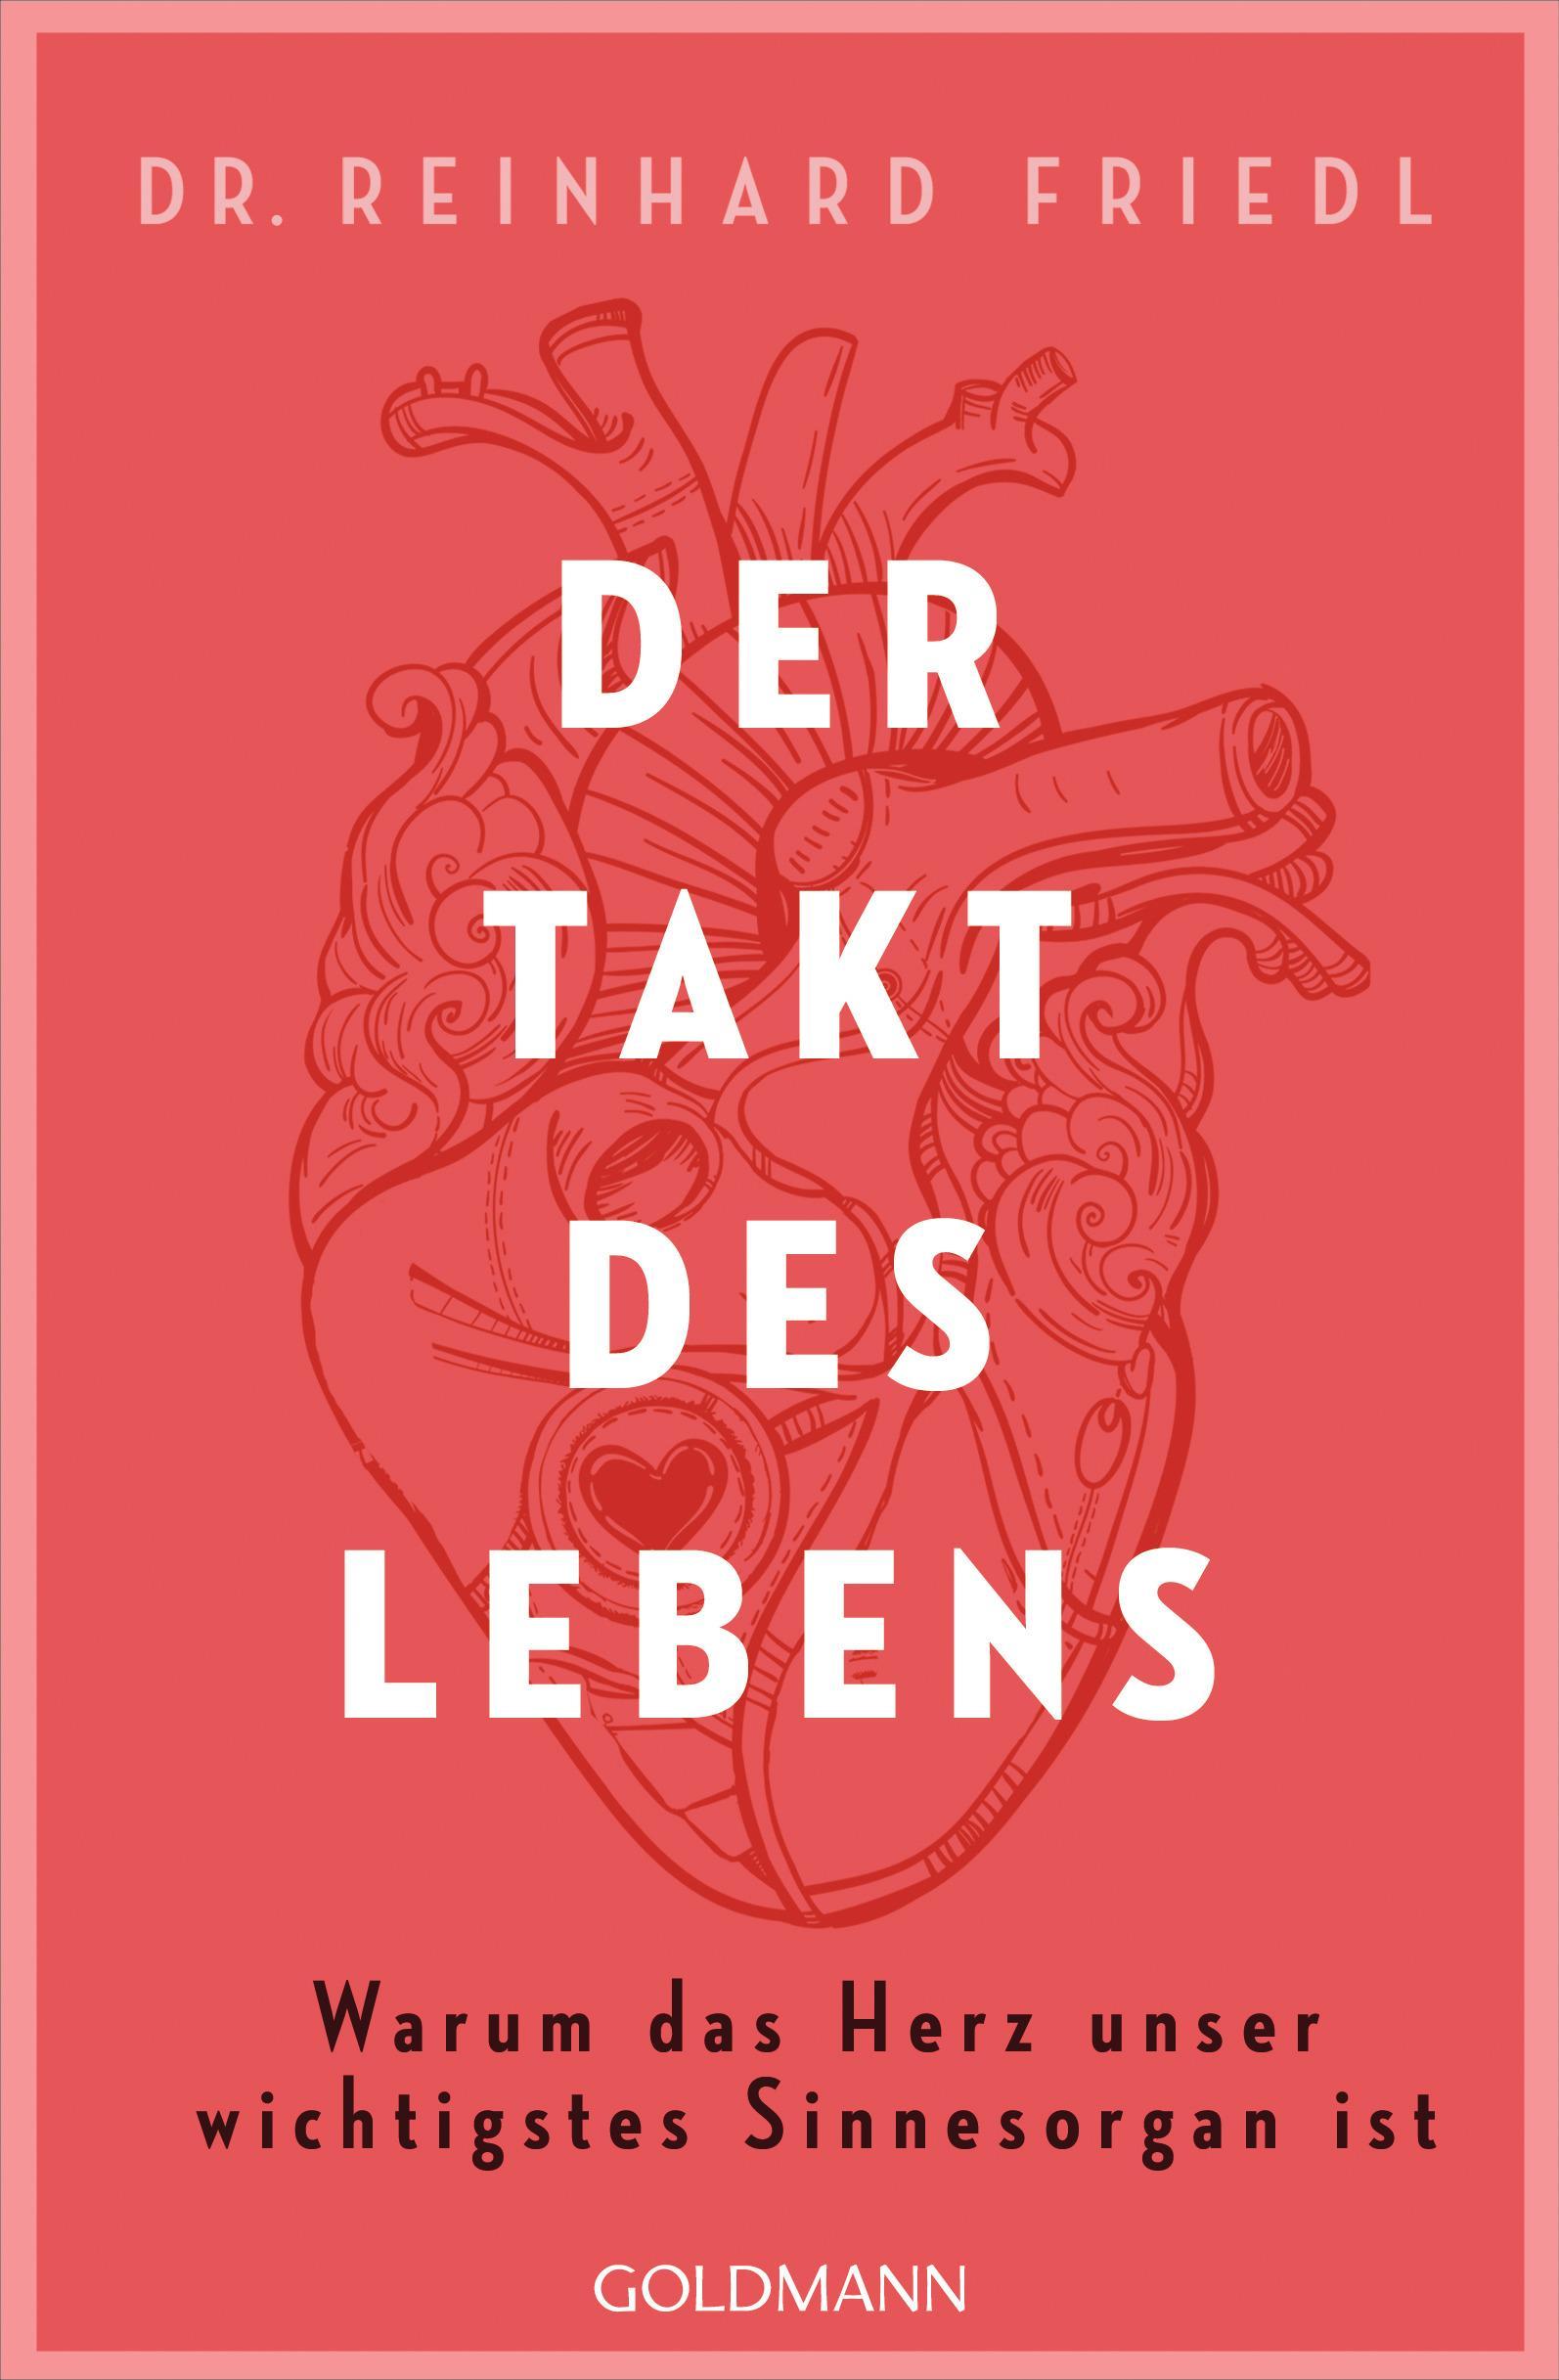 Der Takt des Lebens | Warum das Herz unser wichtigstes ...